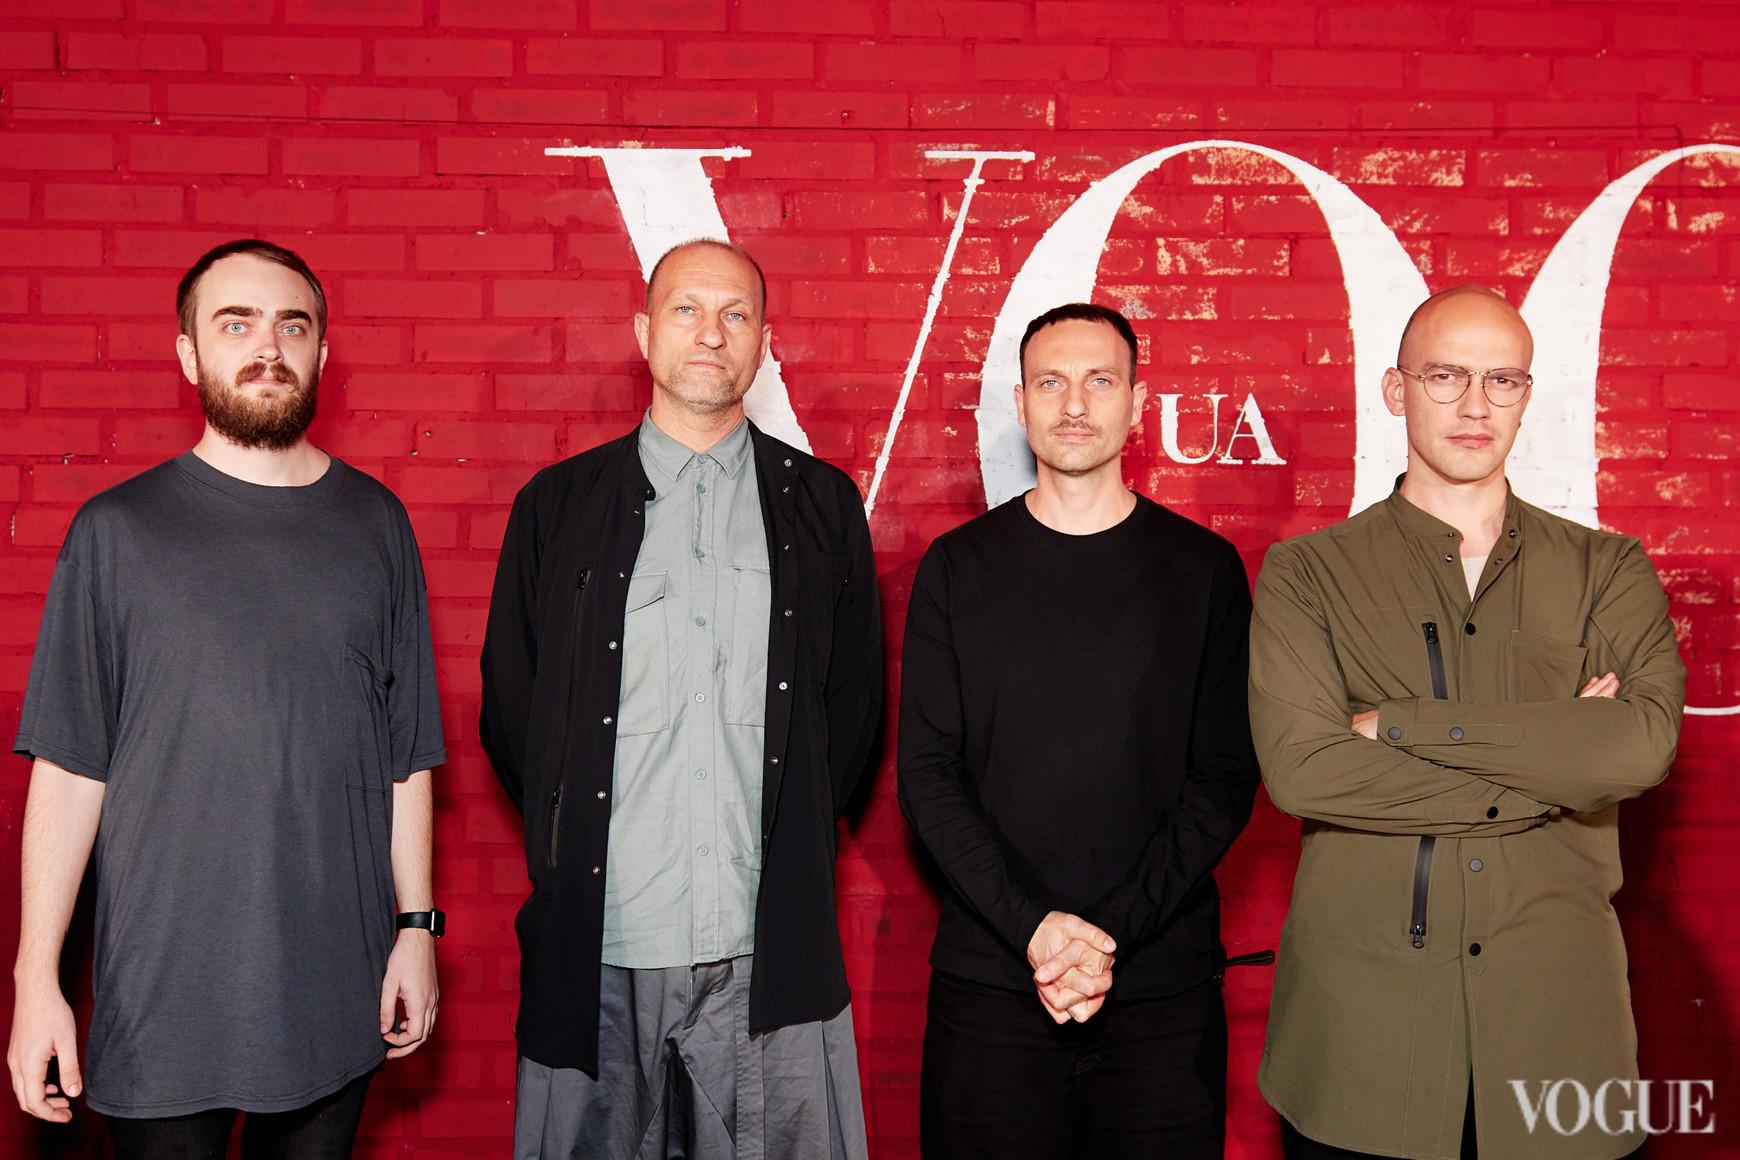 Андрей Горлов, Александр Стеколенко, Игорь Стеколенко и Сергей Моргунов